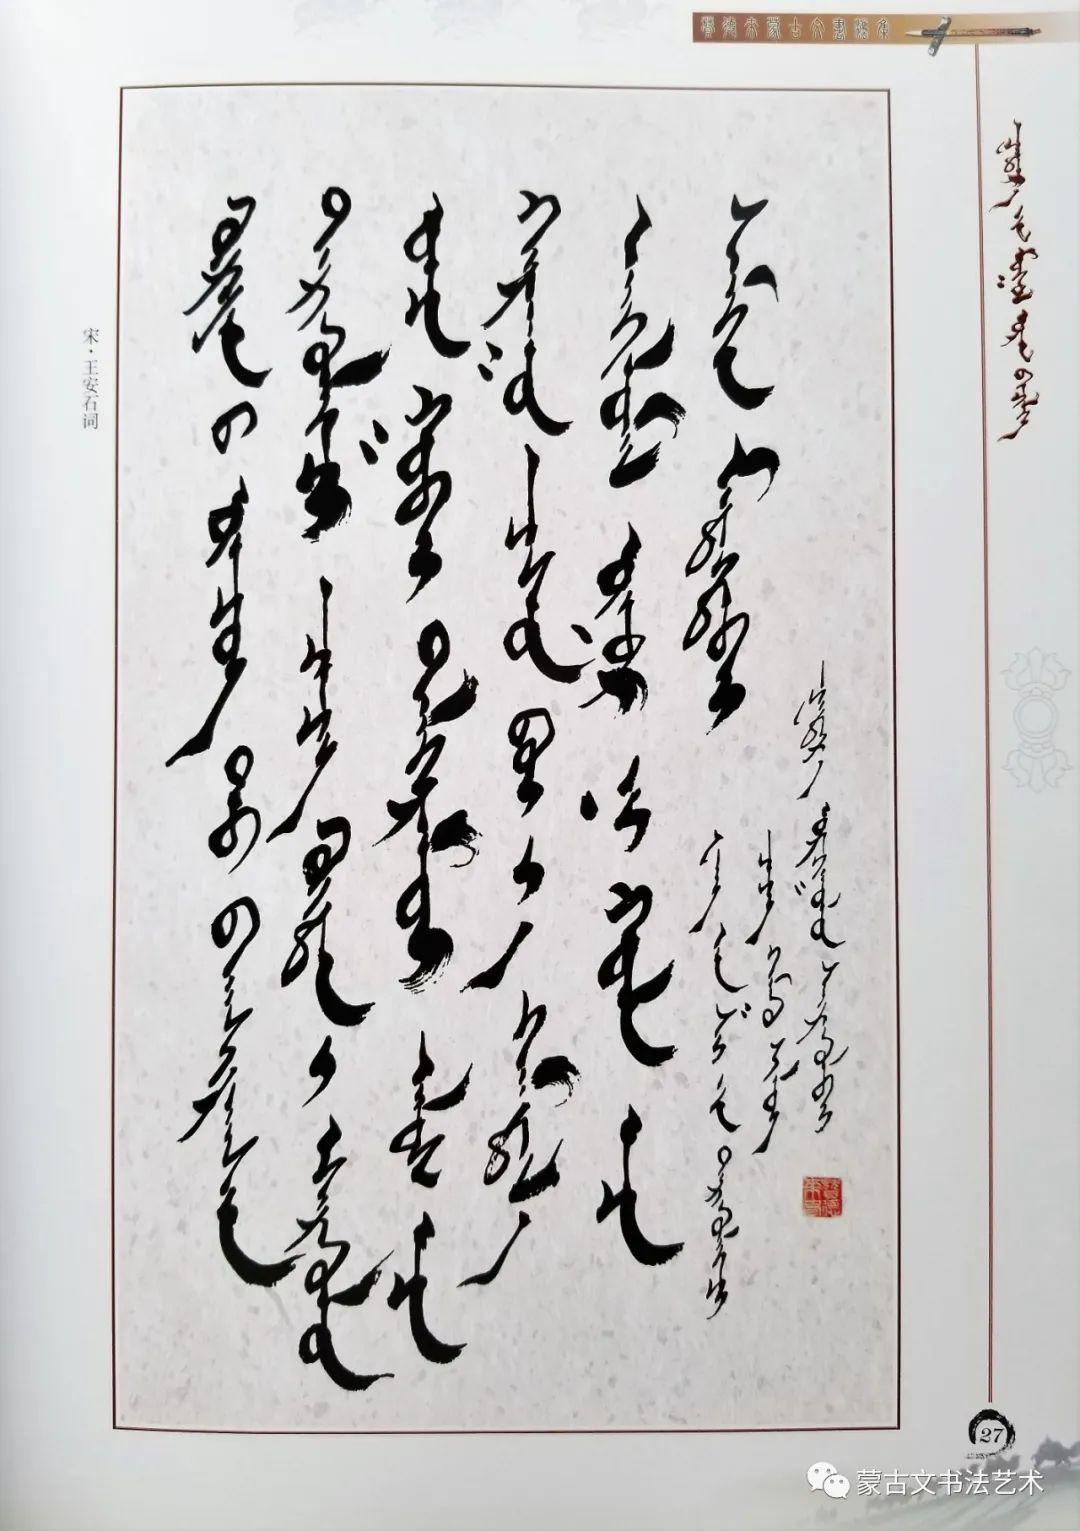 赞得来蒙古文书法集 第13张 赞得来蒙古文书法集 蒙古书法